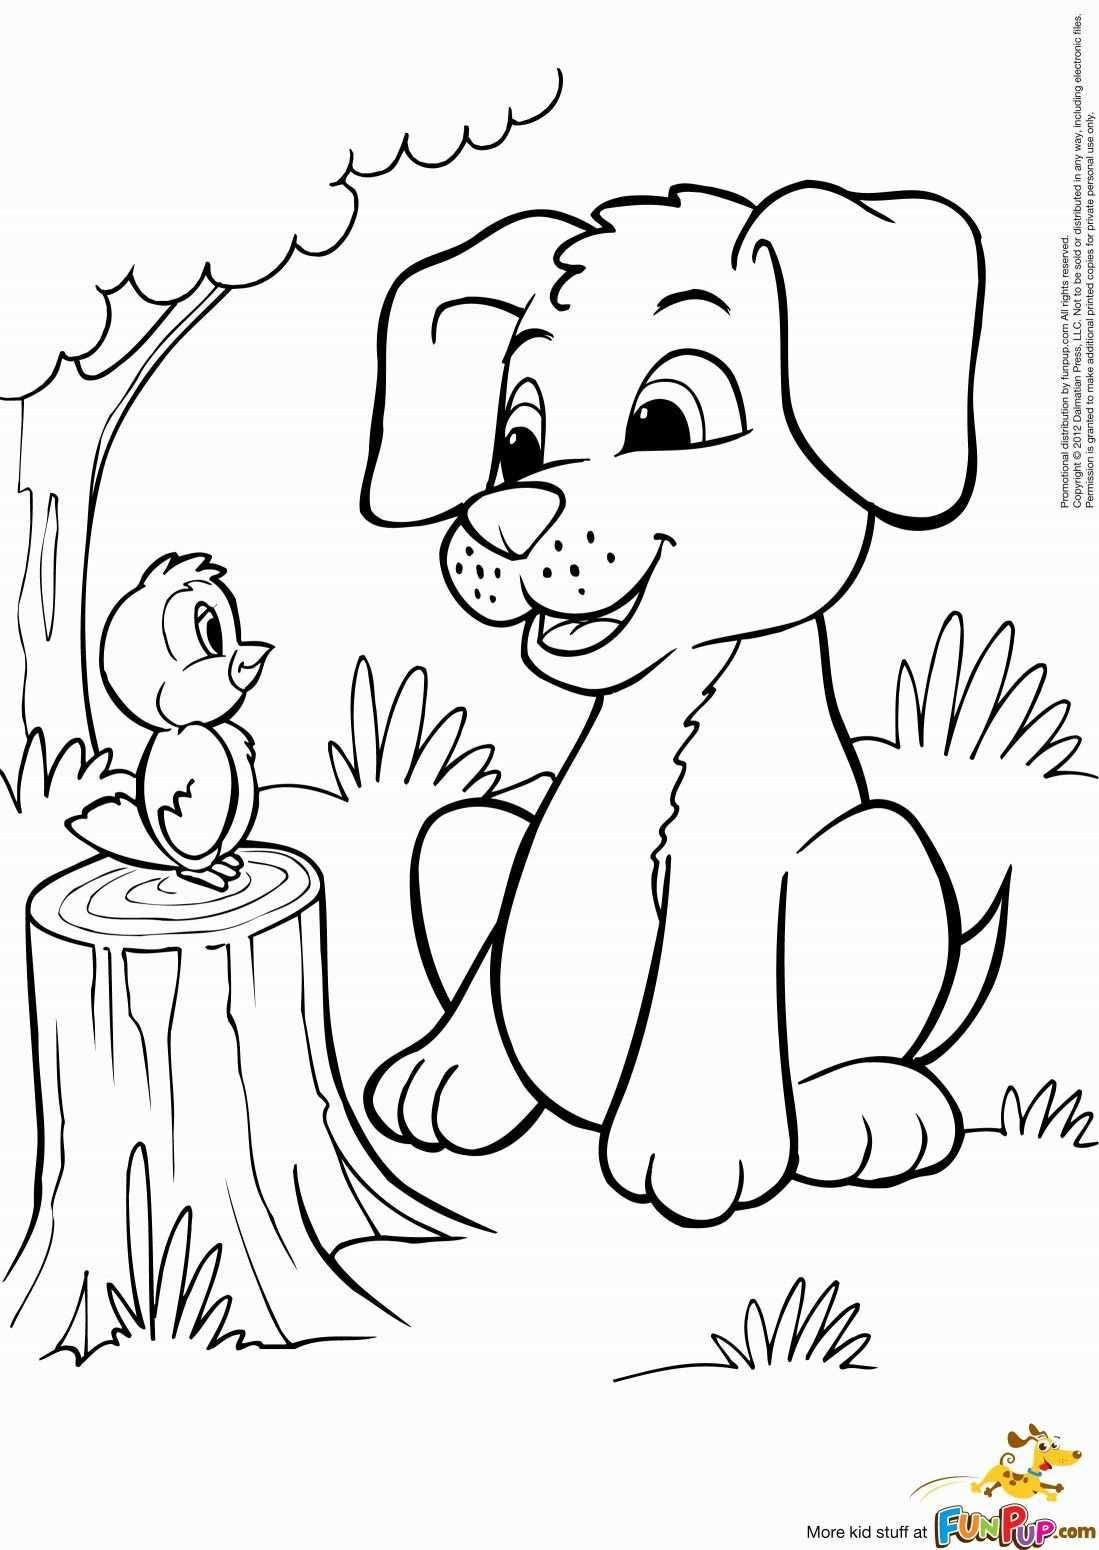 33 Fijnste Kleurplaat Puppy Hondje Decor In 2020 Kleurplaten